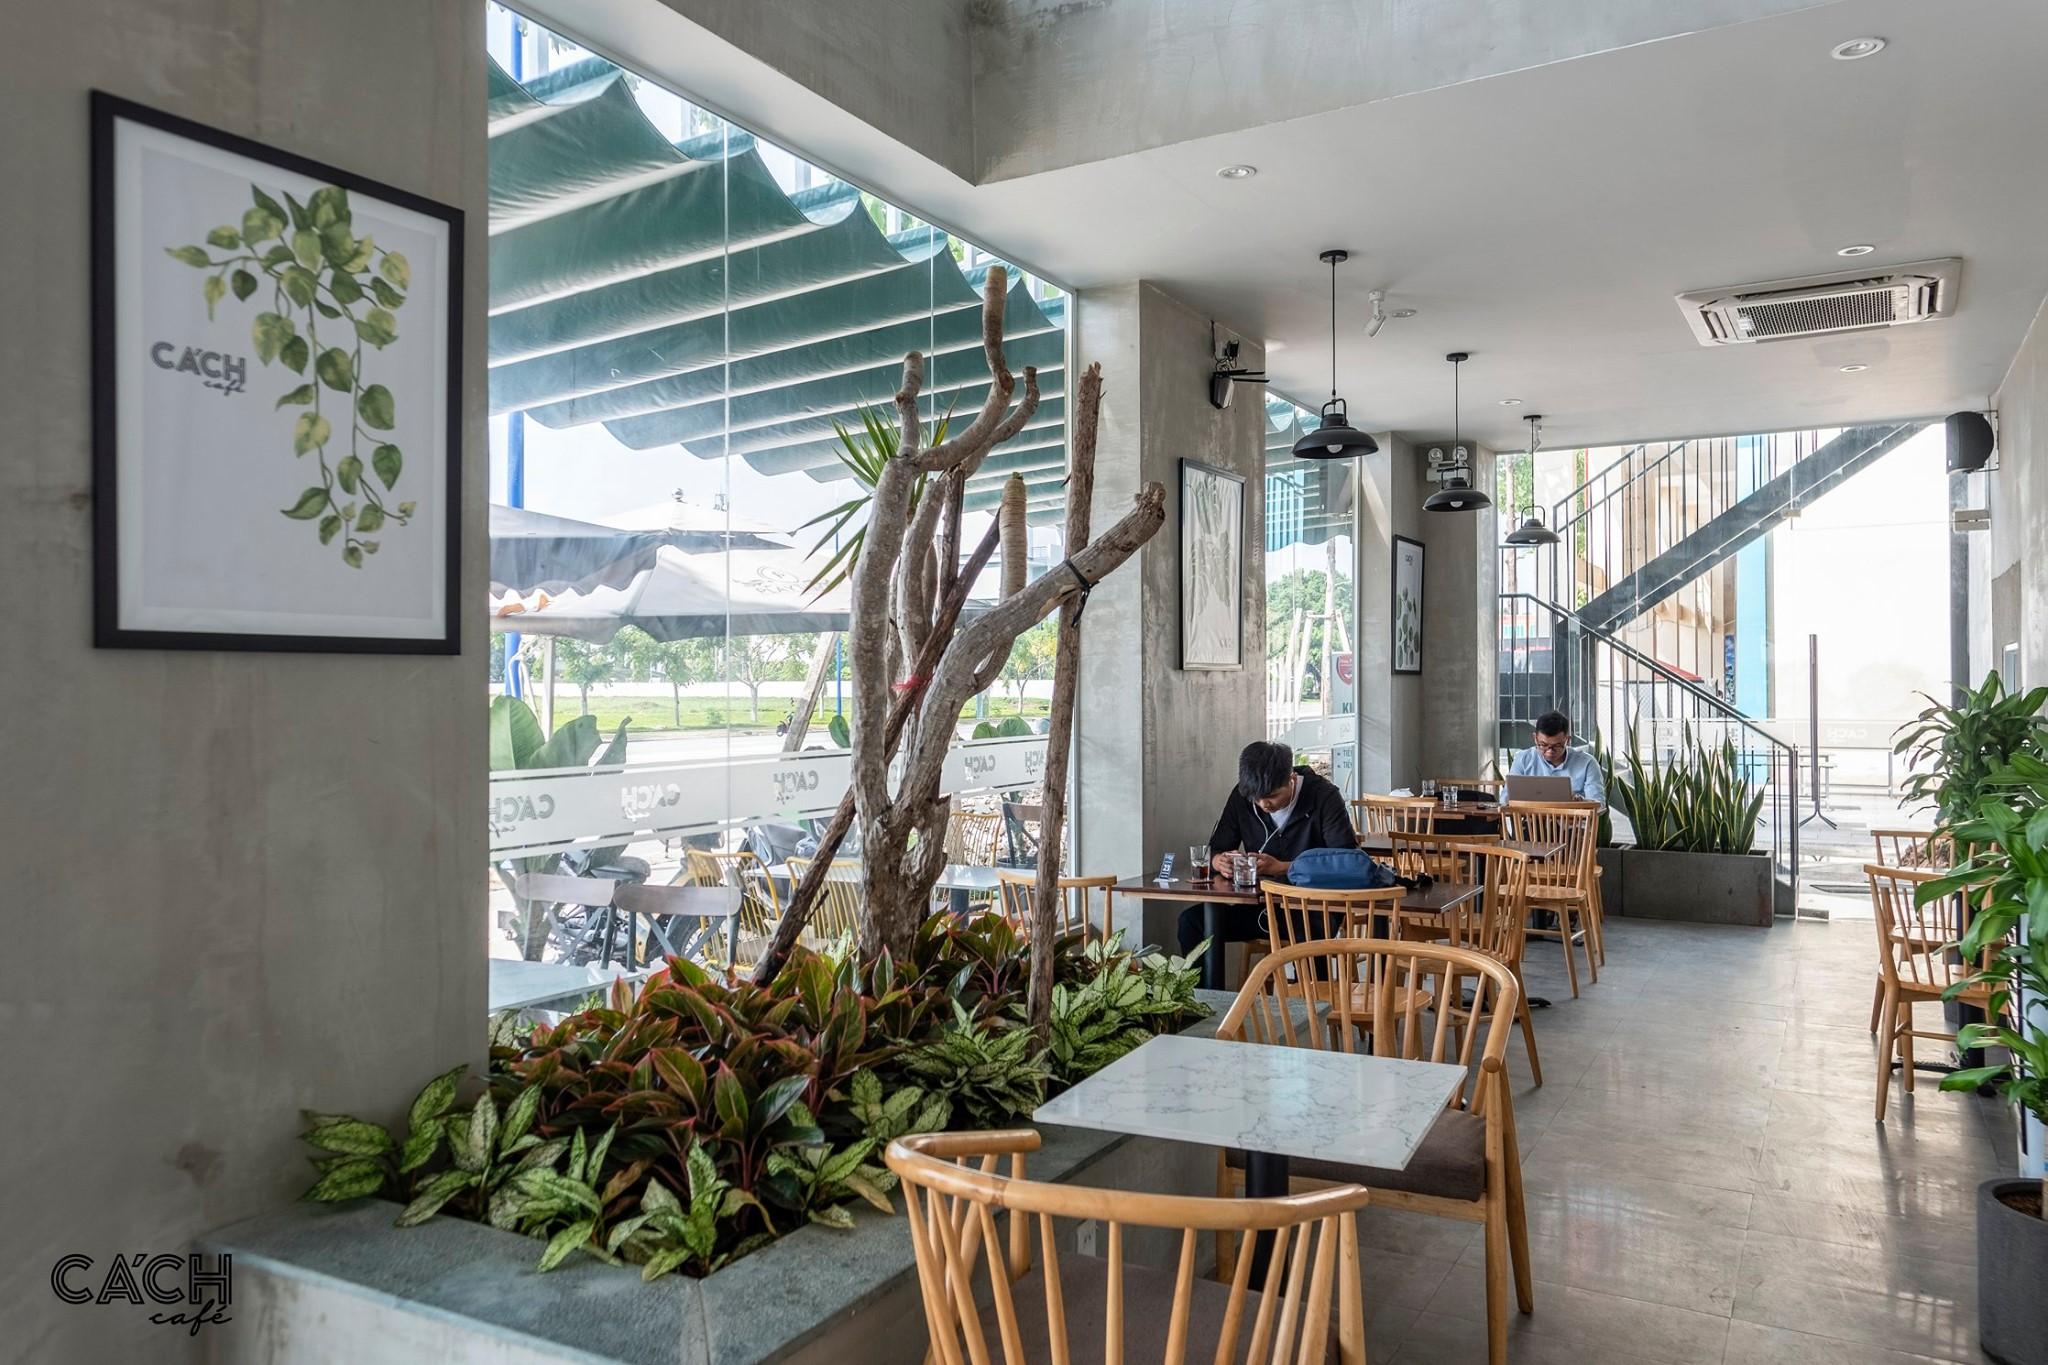 Không gian tầng 1 của Cách Cafe khá thích hợp để làm việc. Hình: Cách Cafe